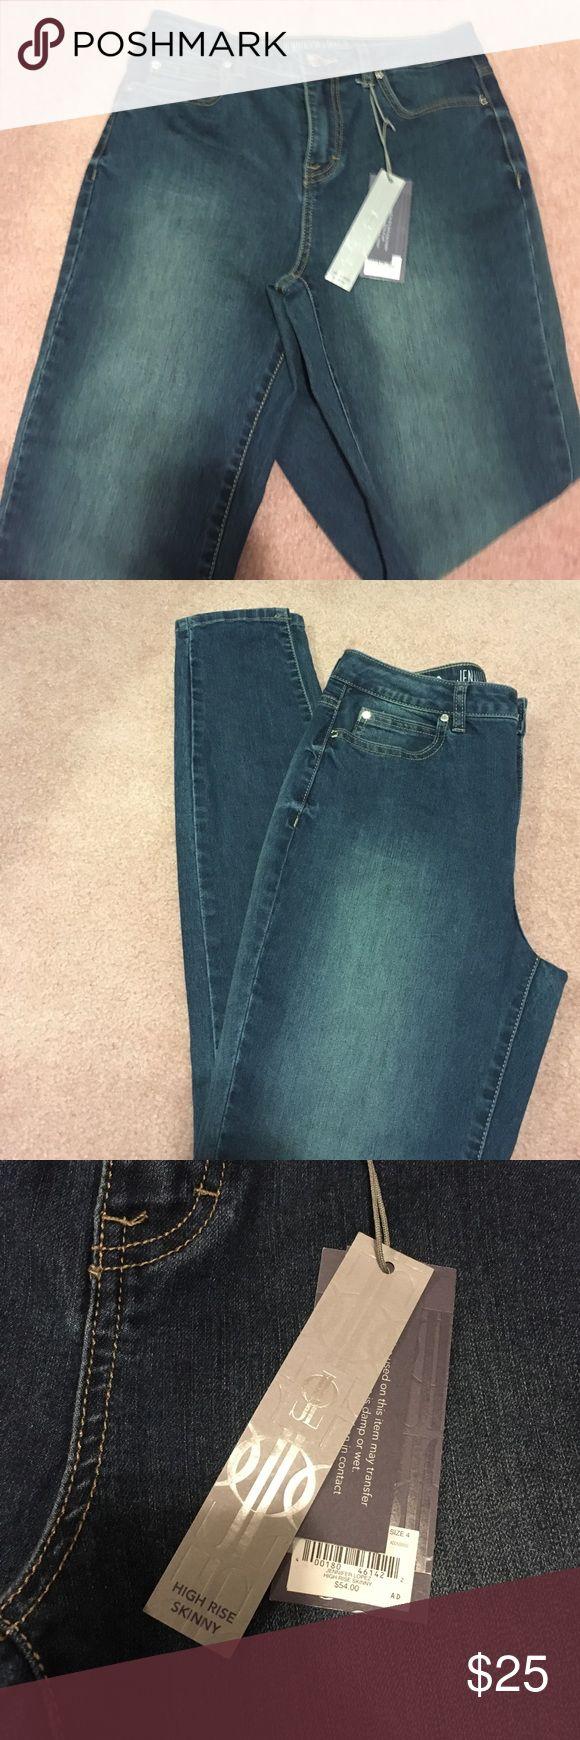 Jennifer Lopez high rise skinny jeans Size 4 high rise skinny jeans Jennifer Lopez Jeans Skinny